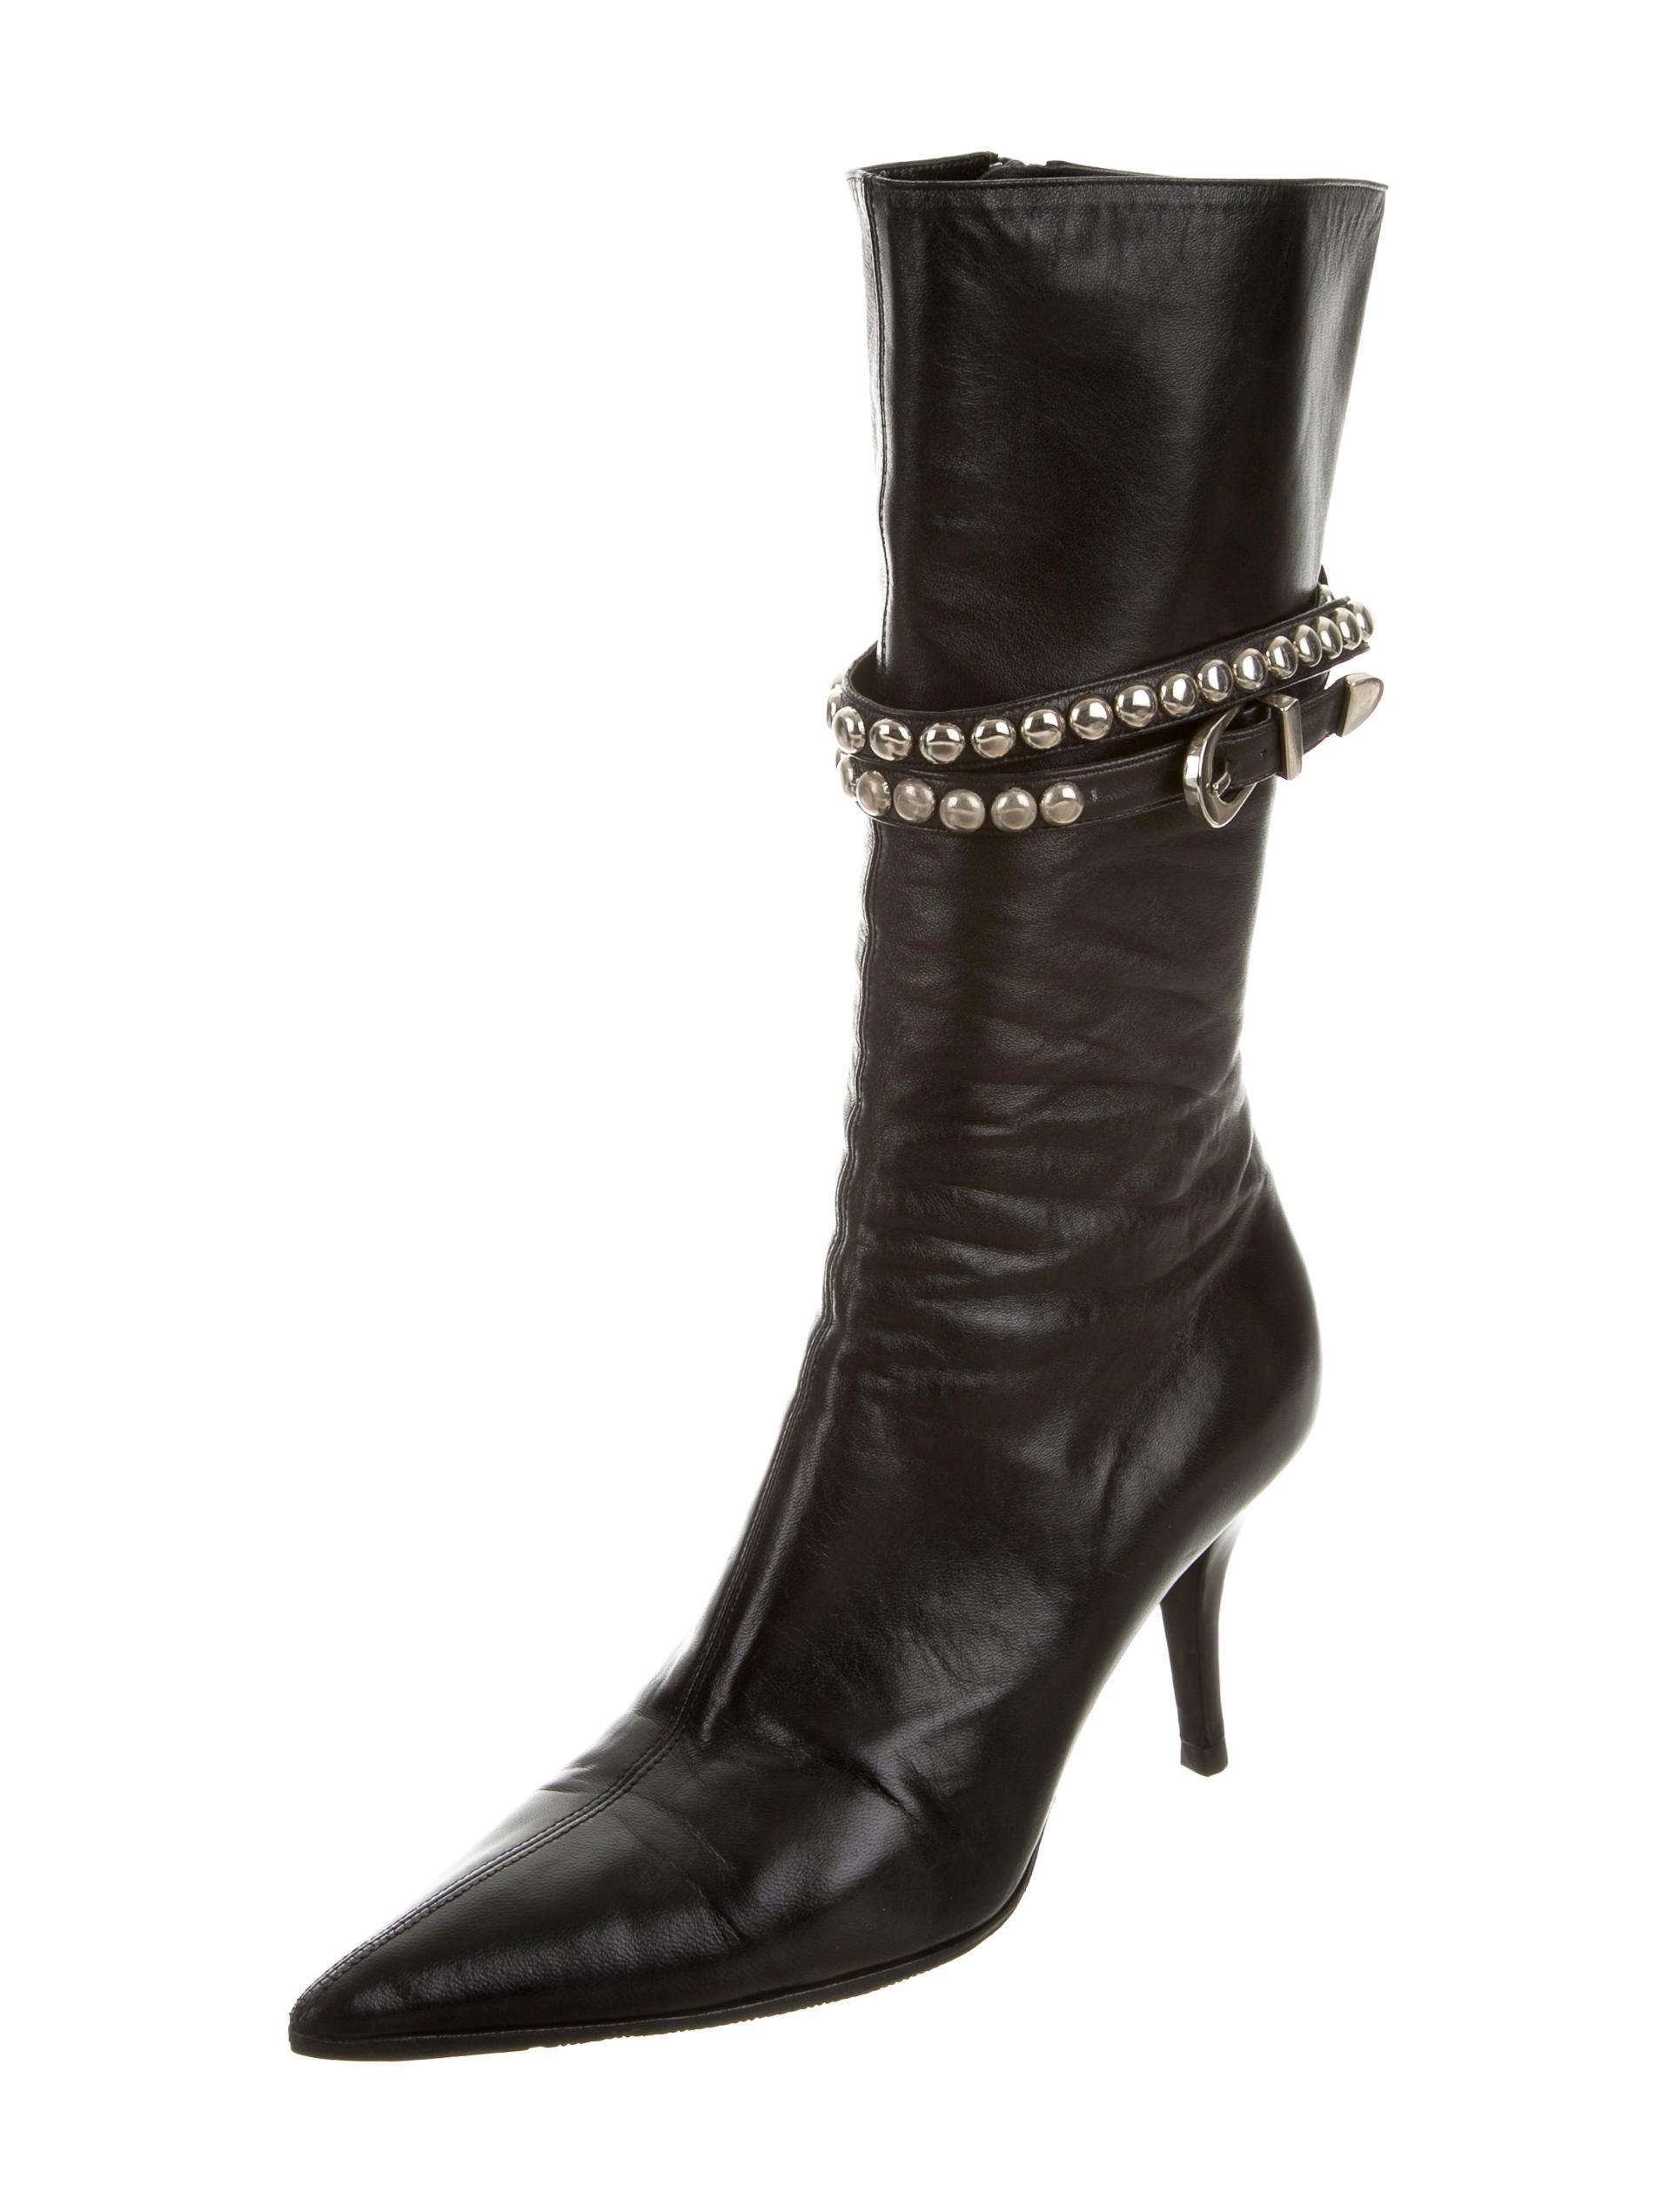 giuseppe zanotti leather mid calf boots shoes giu35633